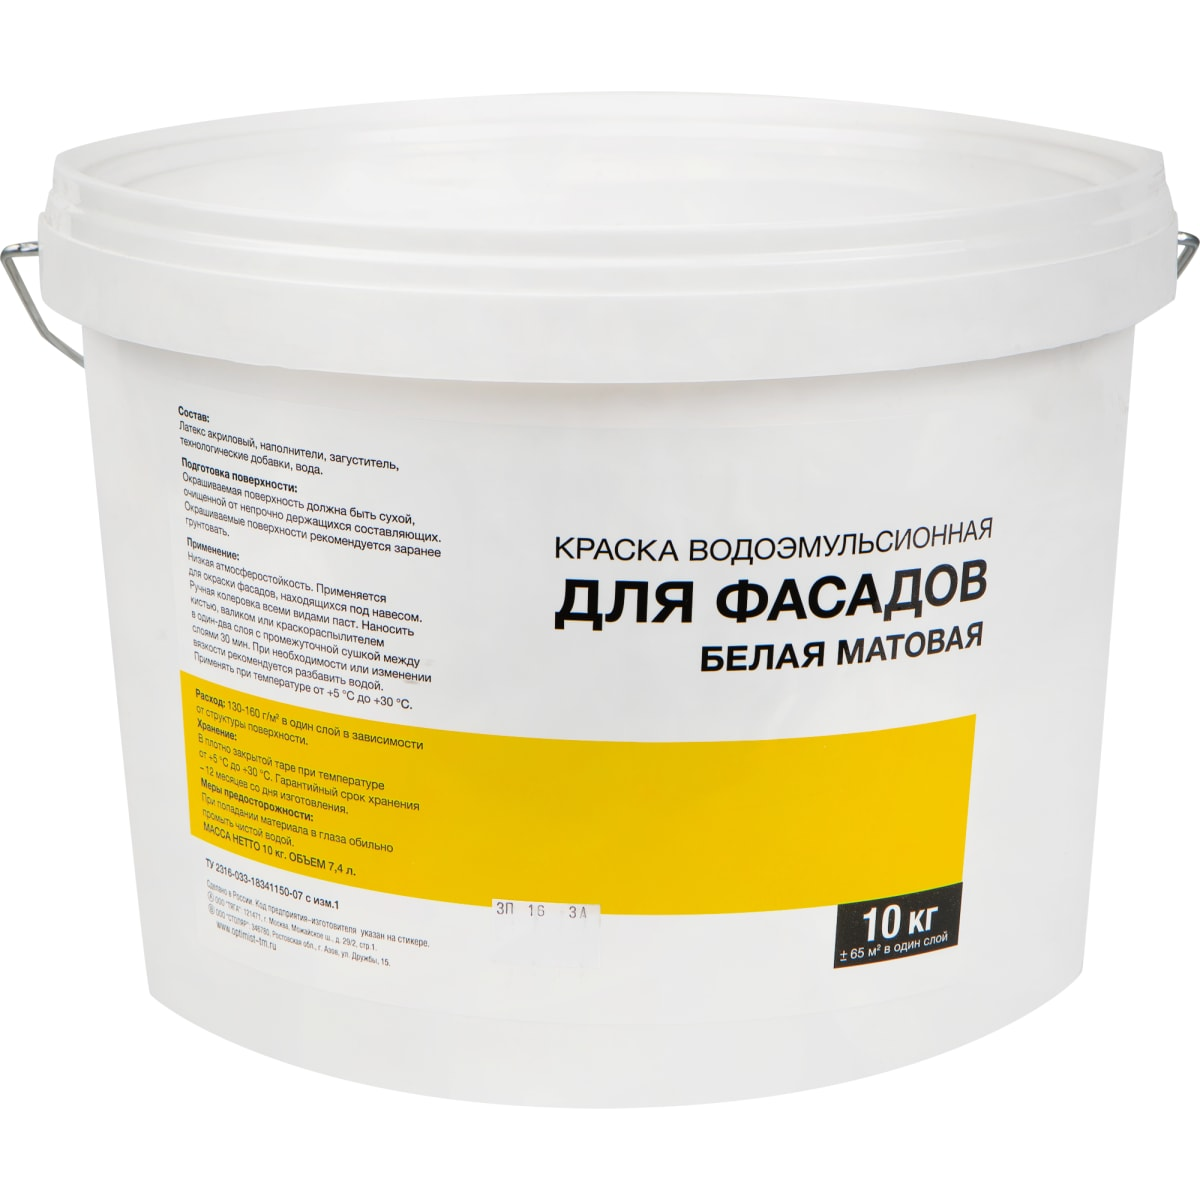 Краска для фасадов, 10 кг